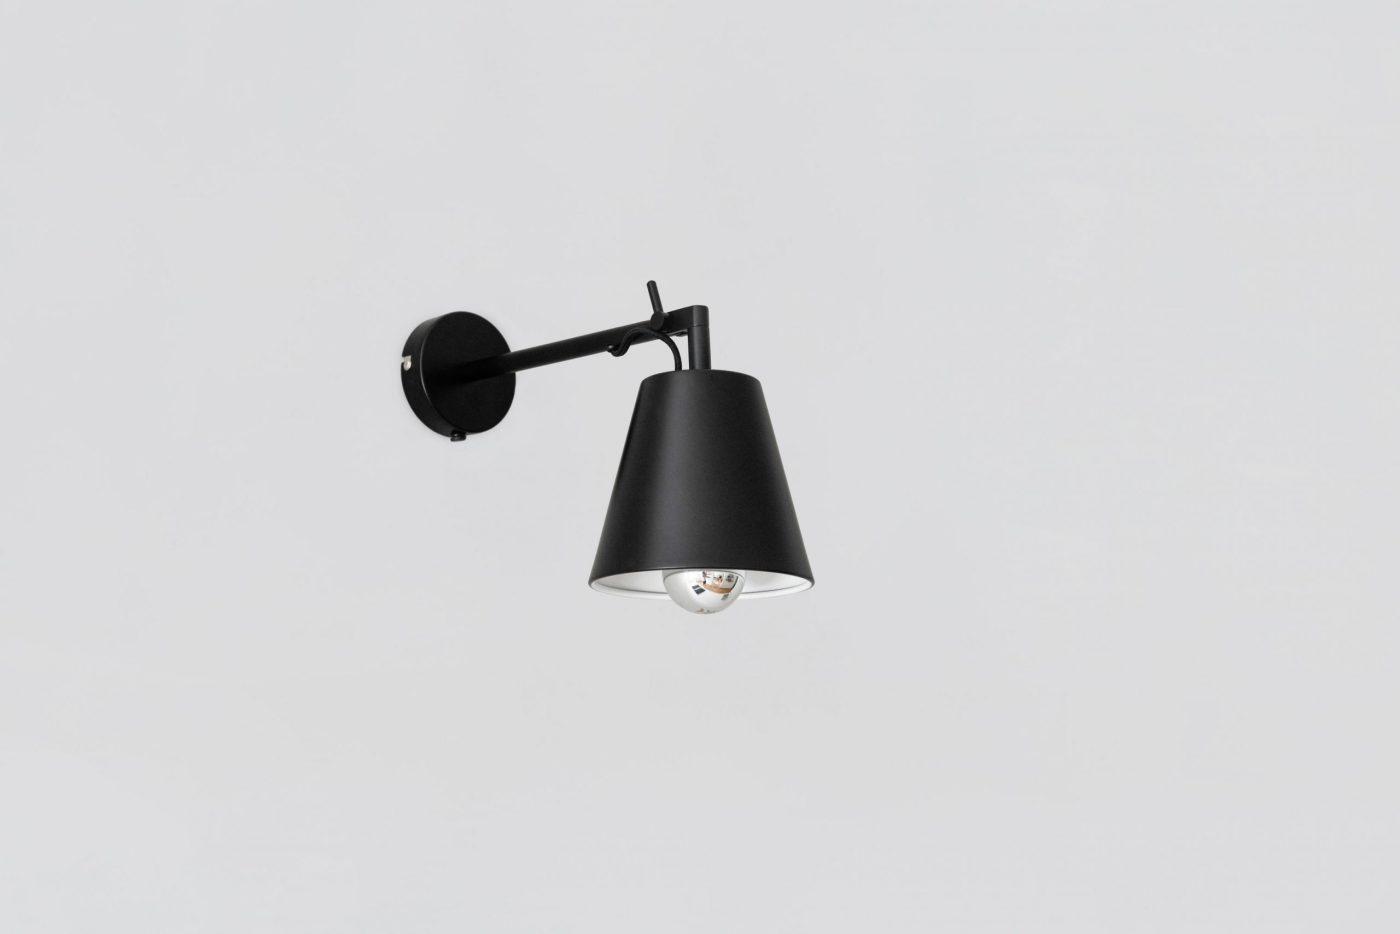 05 MYKILOS LEUCHTE LAMPE WAND STAHL STEEL BLACK SCHWARZ DESIGNER LAMP WALL WORK DESK KITCHEN KÜCHE 1 scaled